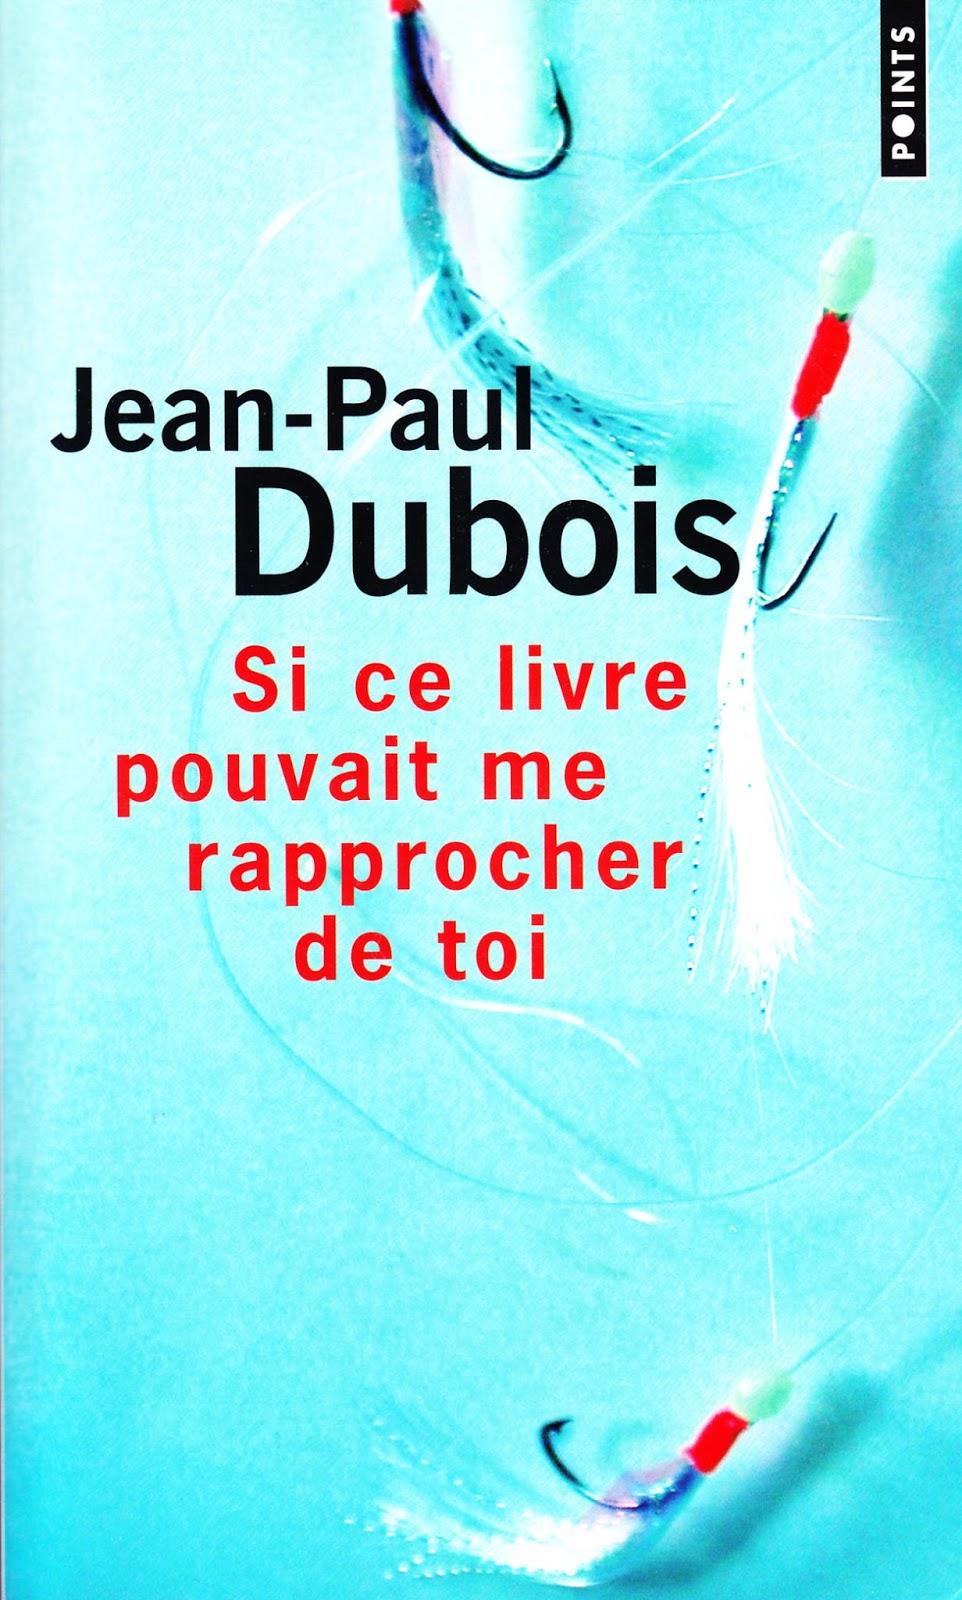 Si ce livre pouvait me rapprocher de toi, de Jean-Paul Dubois